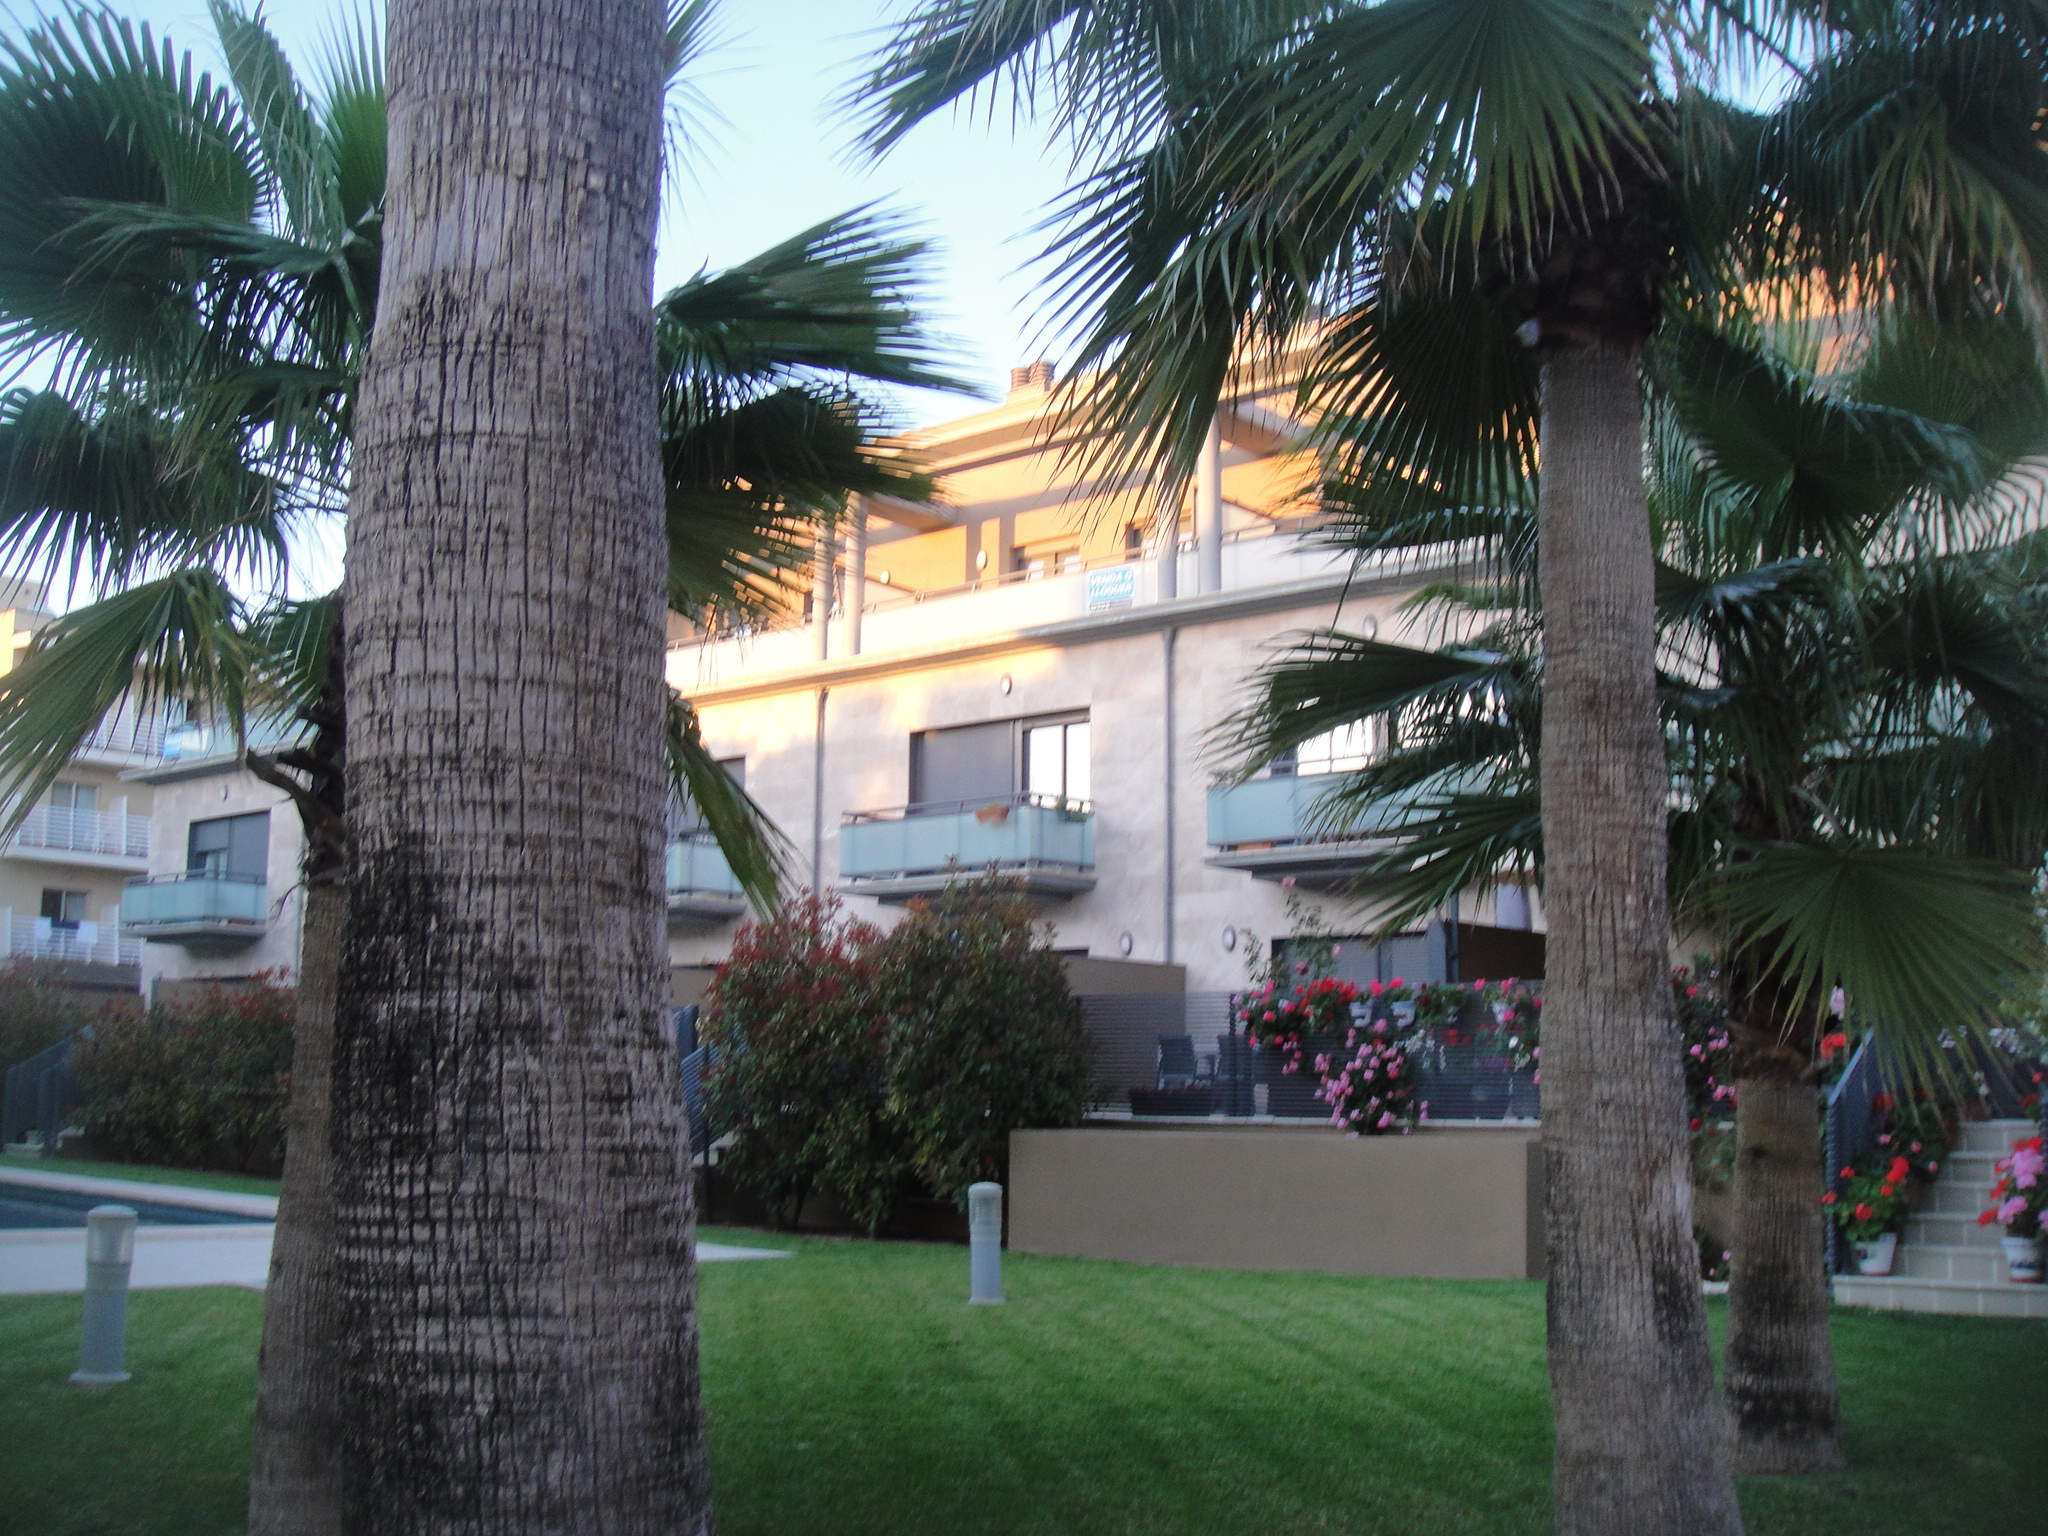 Wenn die Wohnanlage gepflegt ist, spricht das für die Wohnung auf Mallorca.